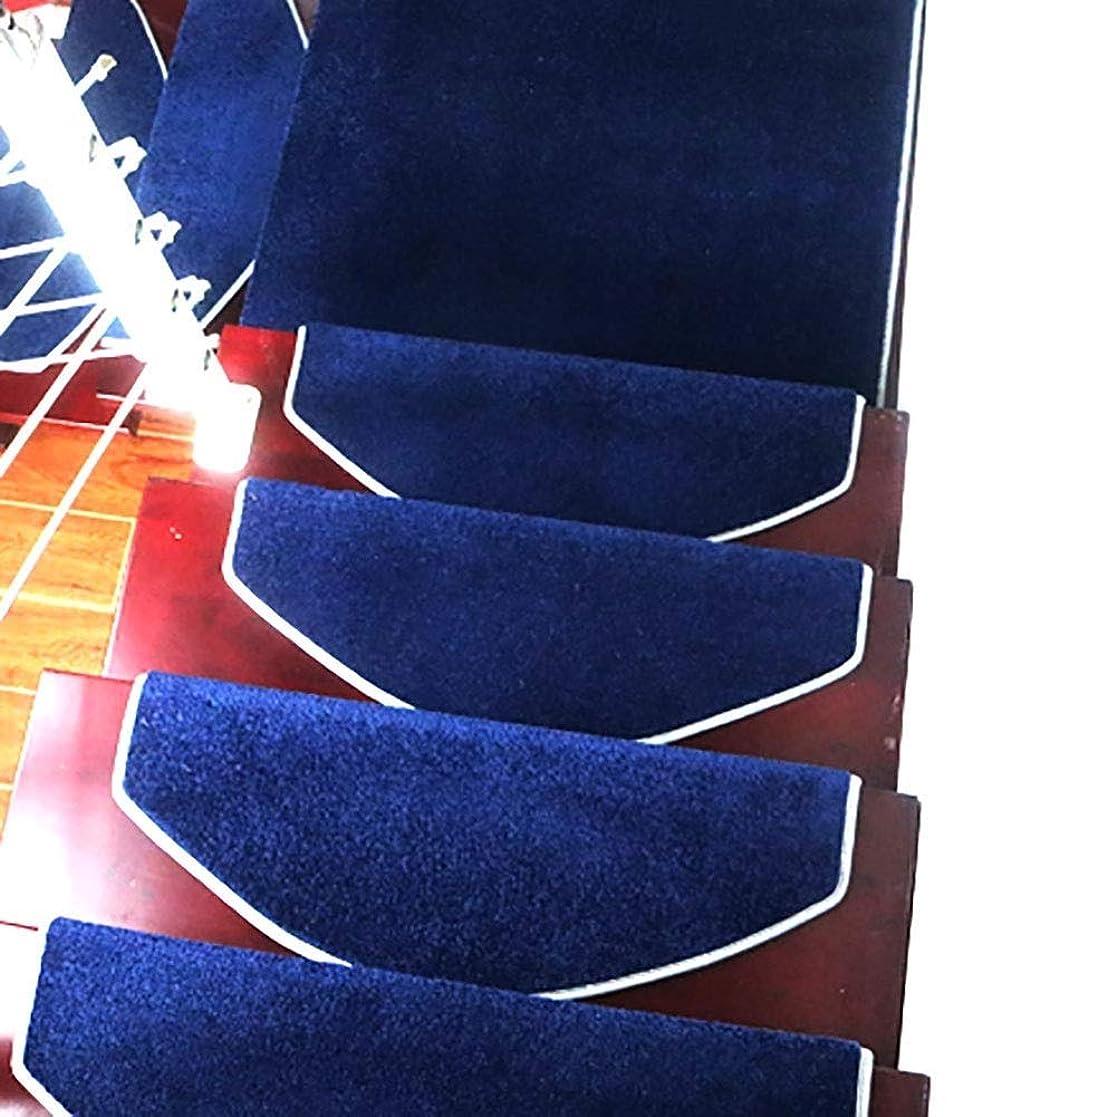 広くかなり報復するエリアラグブルーアンチスキッド階段ステップトレッドカーペットマットウッド/大理石の階段接着剤不要の自己接着性の敷物パッド洗える (Color : 10piece, Size : 65x24+3cm)